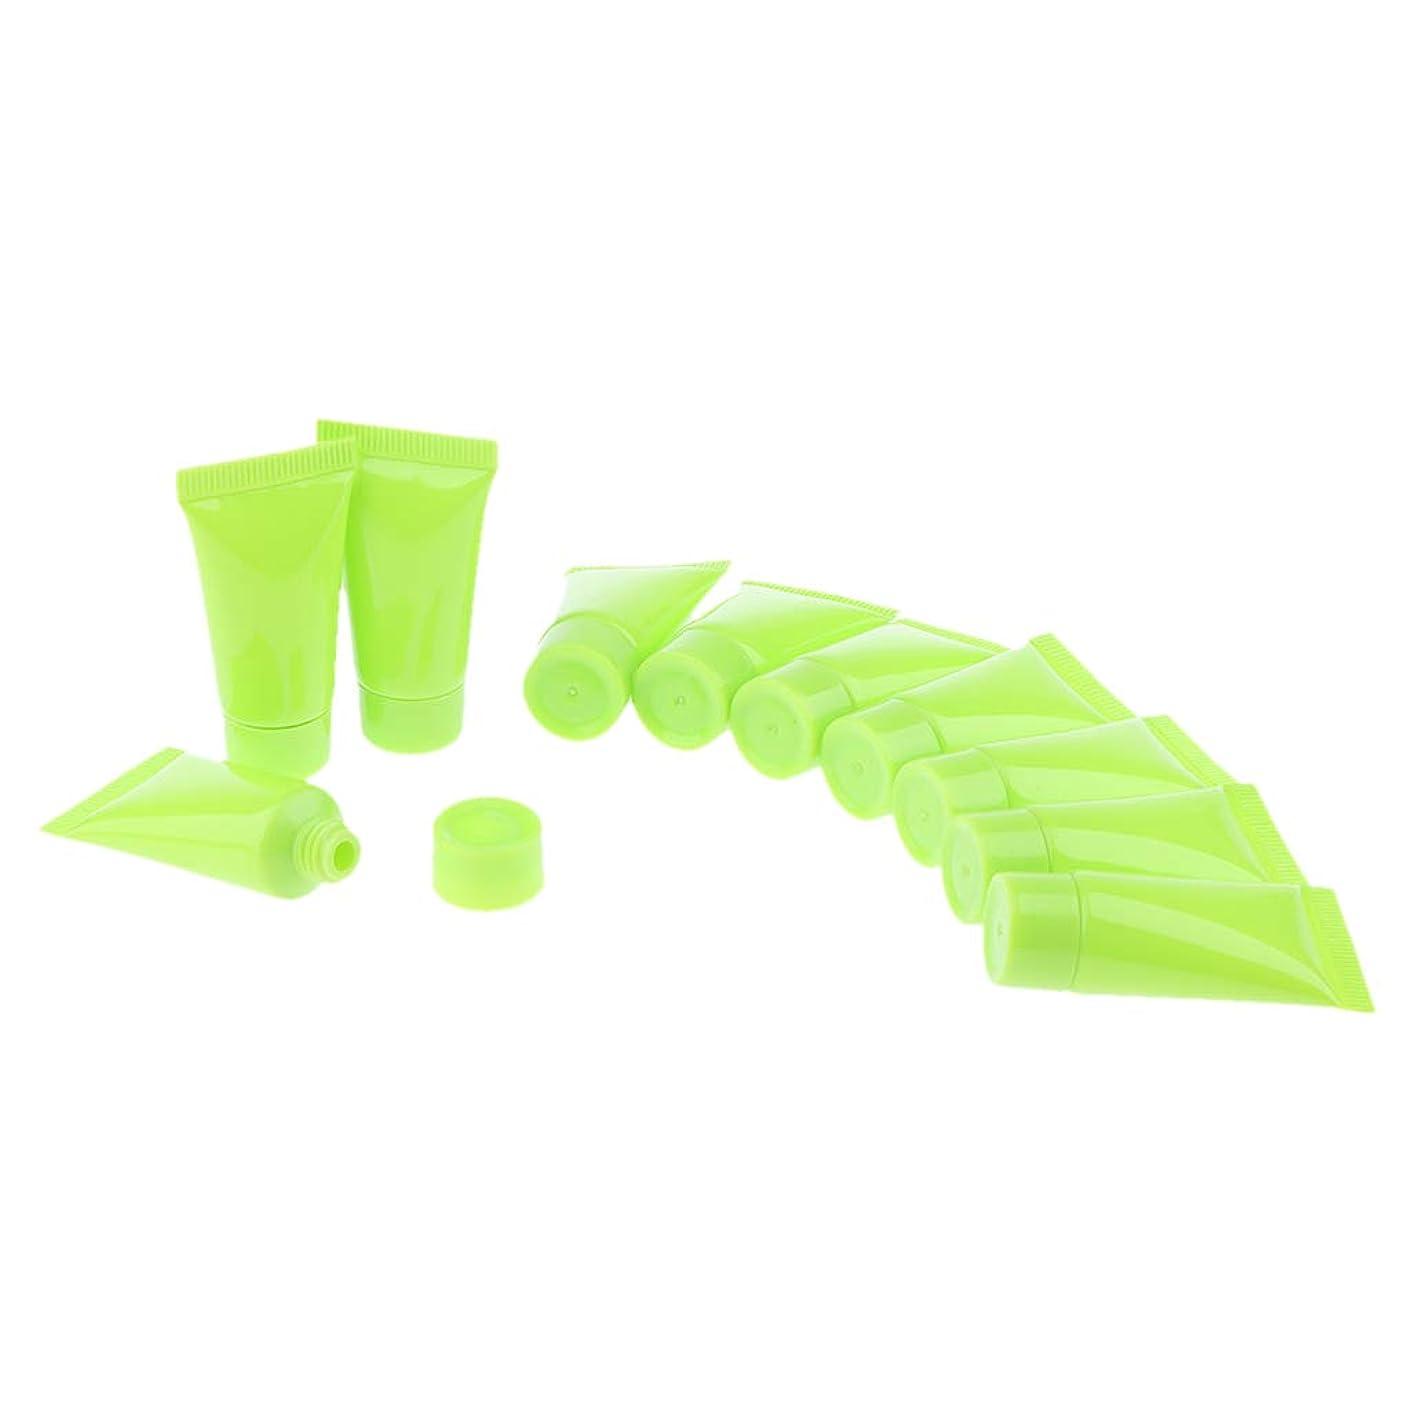 千開拓者メロドラマIPOTCH 10個 メイクアップチューブ クリーム スクイーズボトル 3色選べ - 緑